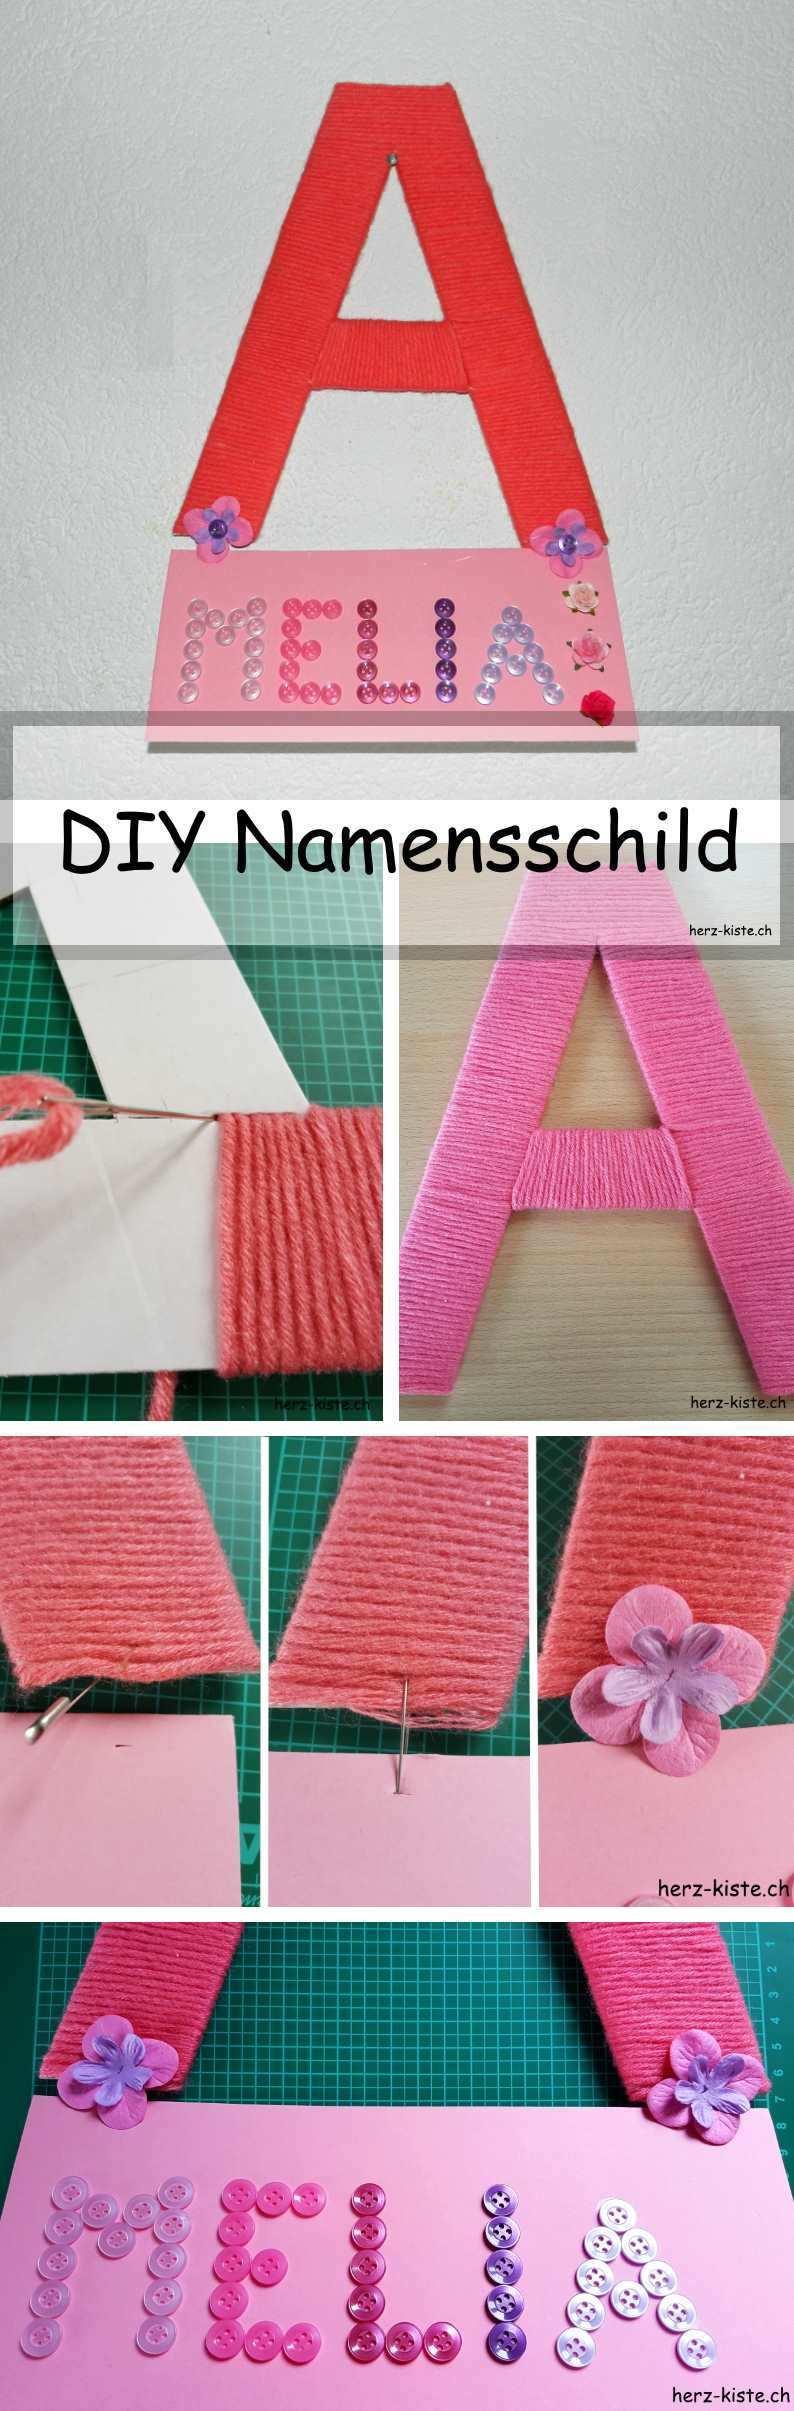 Diy Namensschild Furs Kinderzimmer Namensschild Kinderzimmer Diy Geschenke Baby Karton Buchstaben